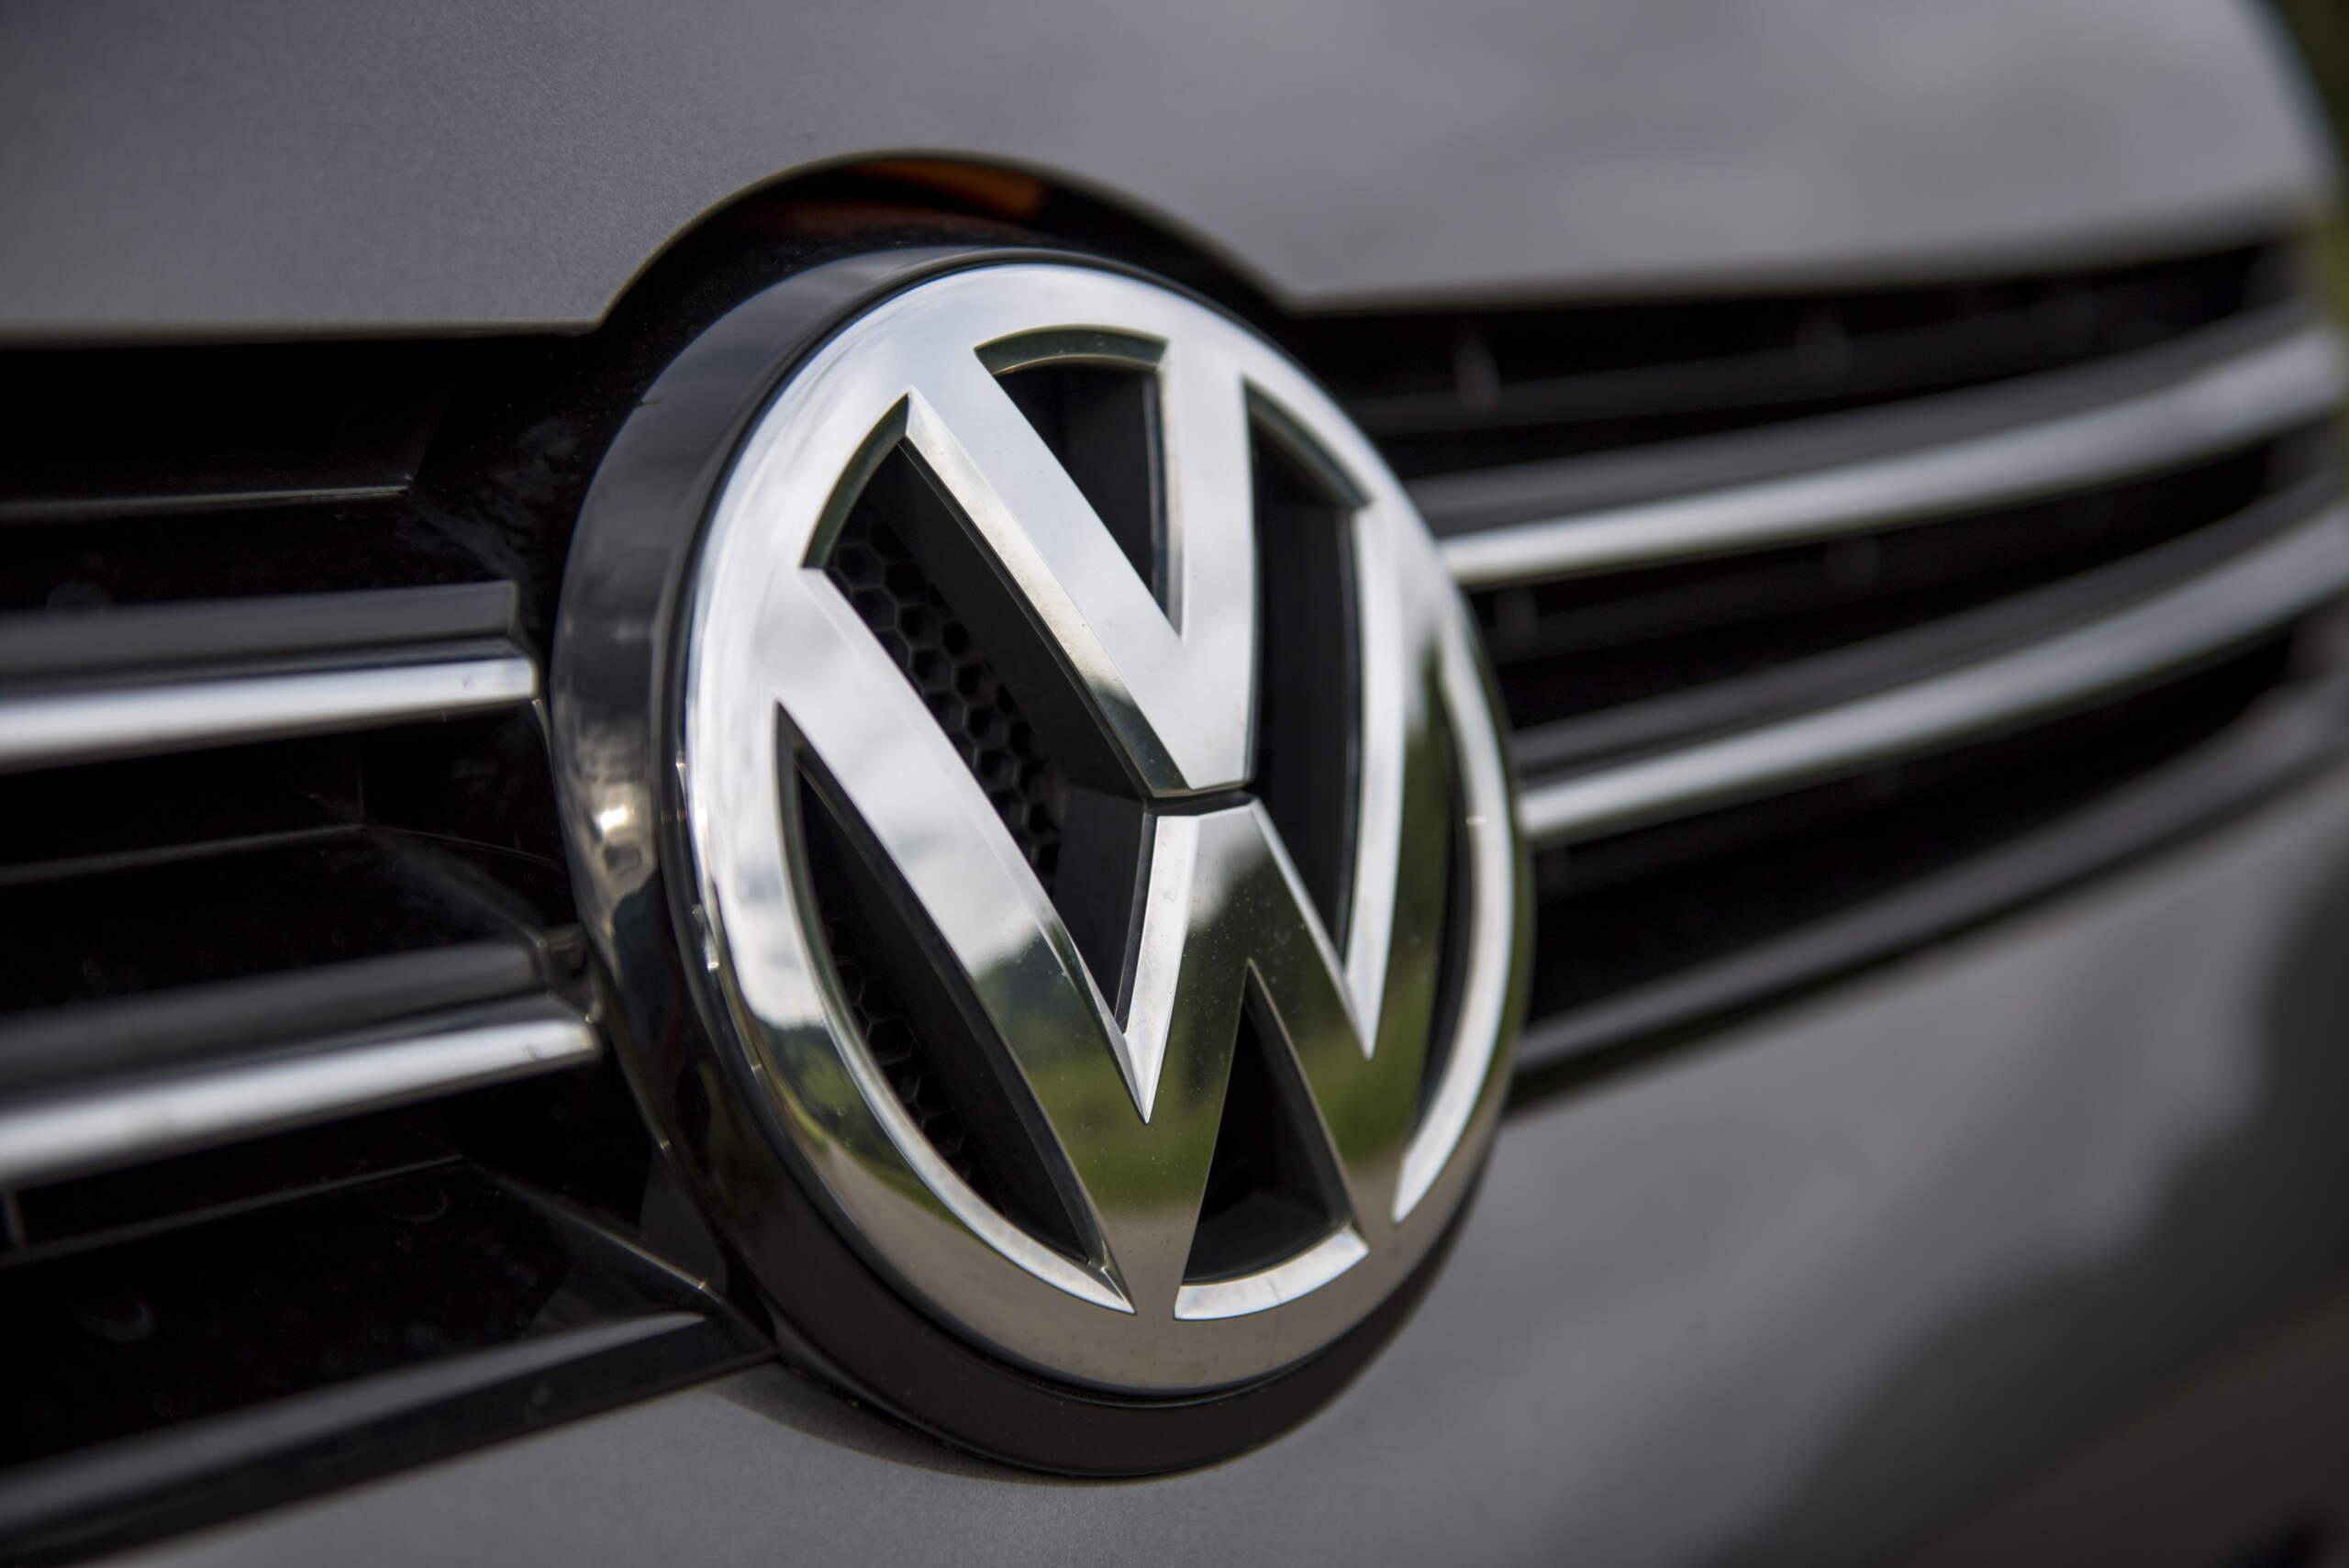 VW planea diseñar sus propios chips de computadora para autos autónomos